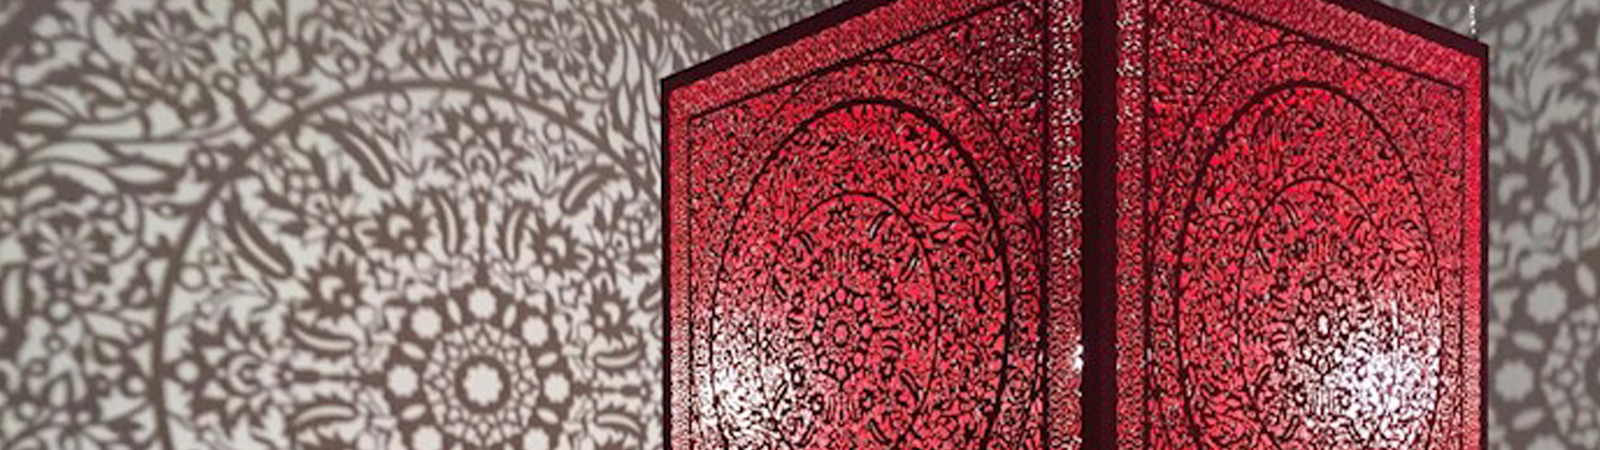 Pakistani-American artist Anila Agha wins Cincinnati Art Museum's Schiele Prize